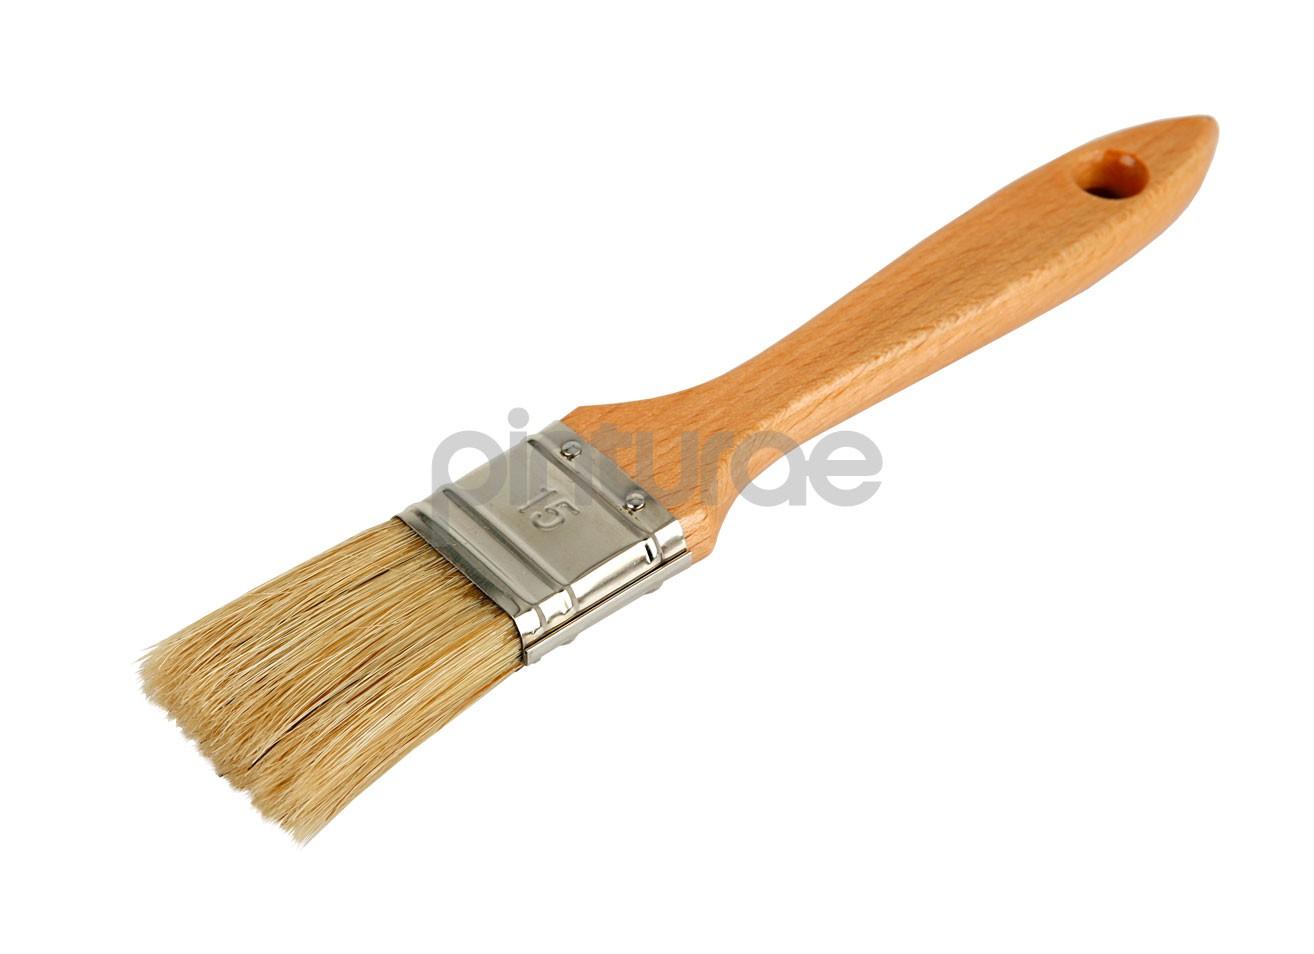 Kit decapante 1 lt herramientas for Decapante para madera